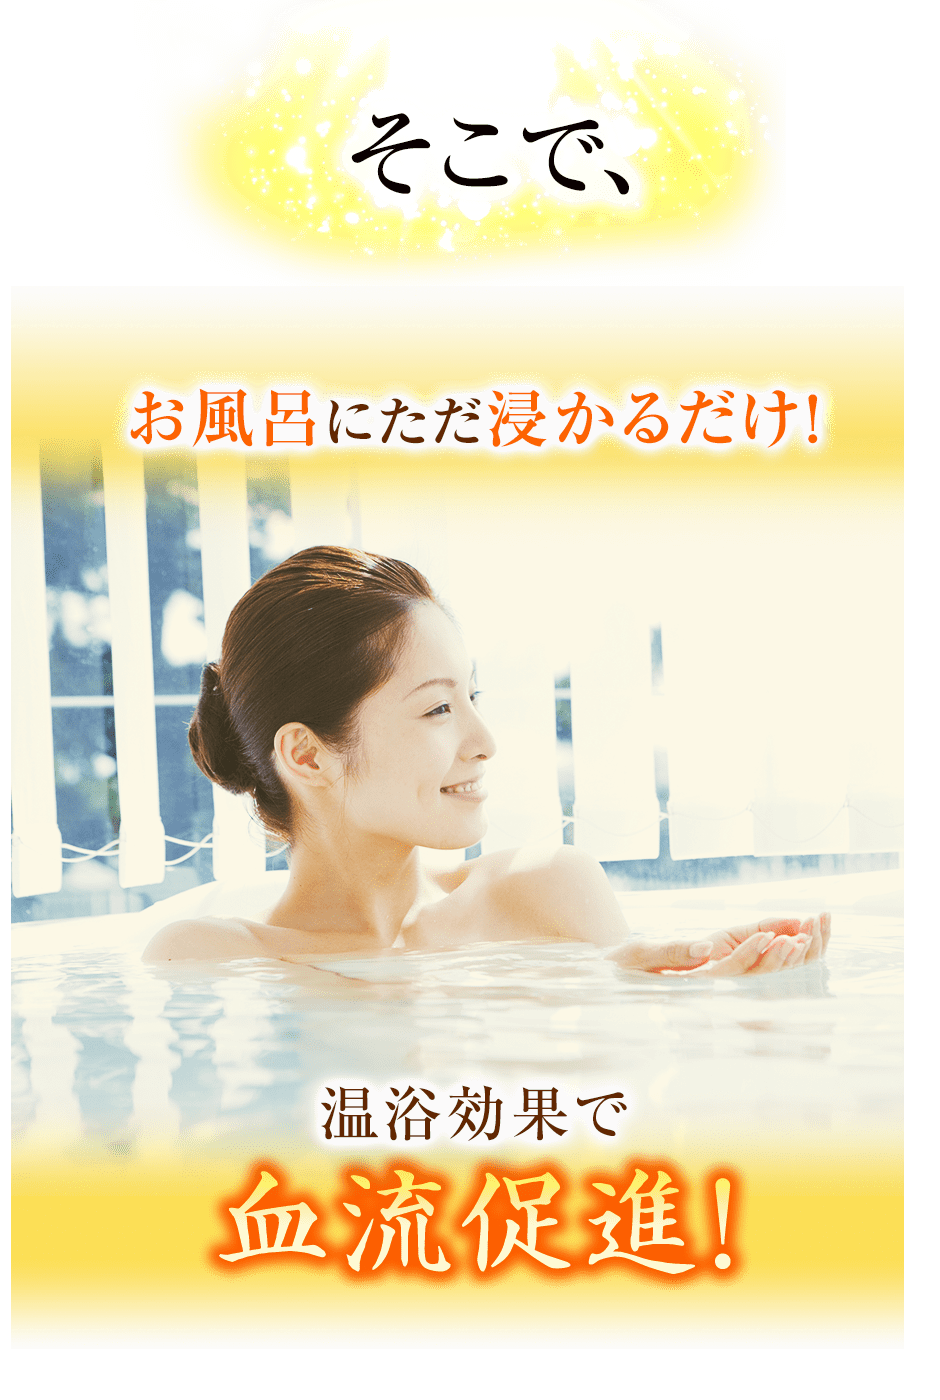 そこで、お風呂にただ浸かるだけ!温浴効果で血流促進!